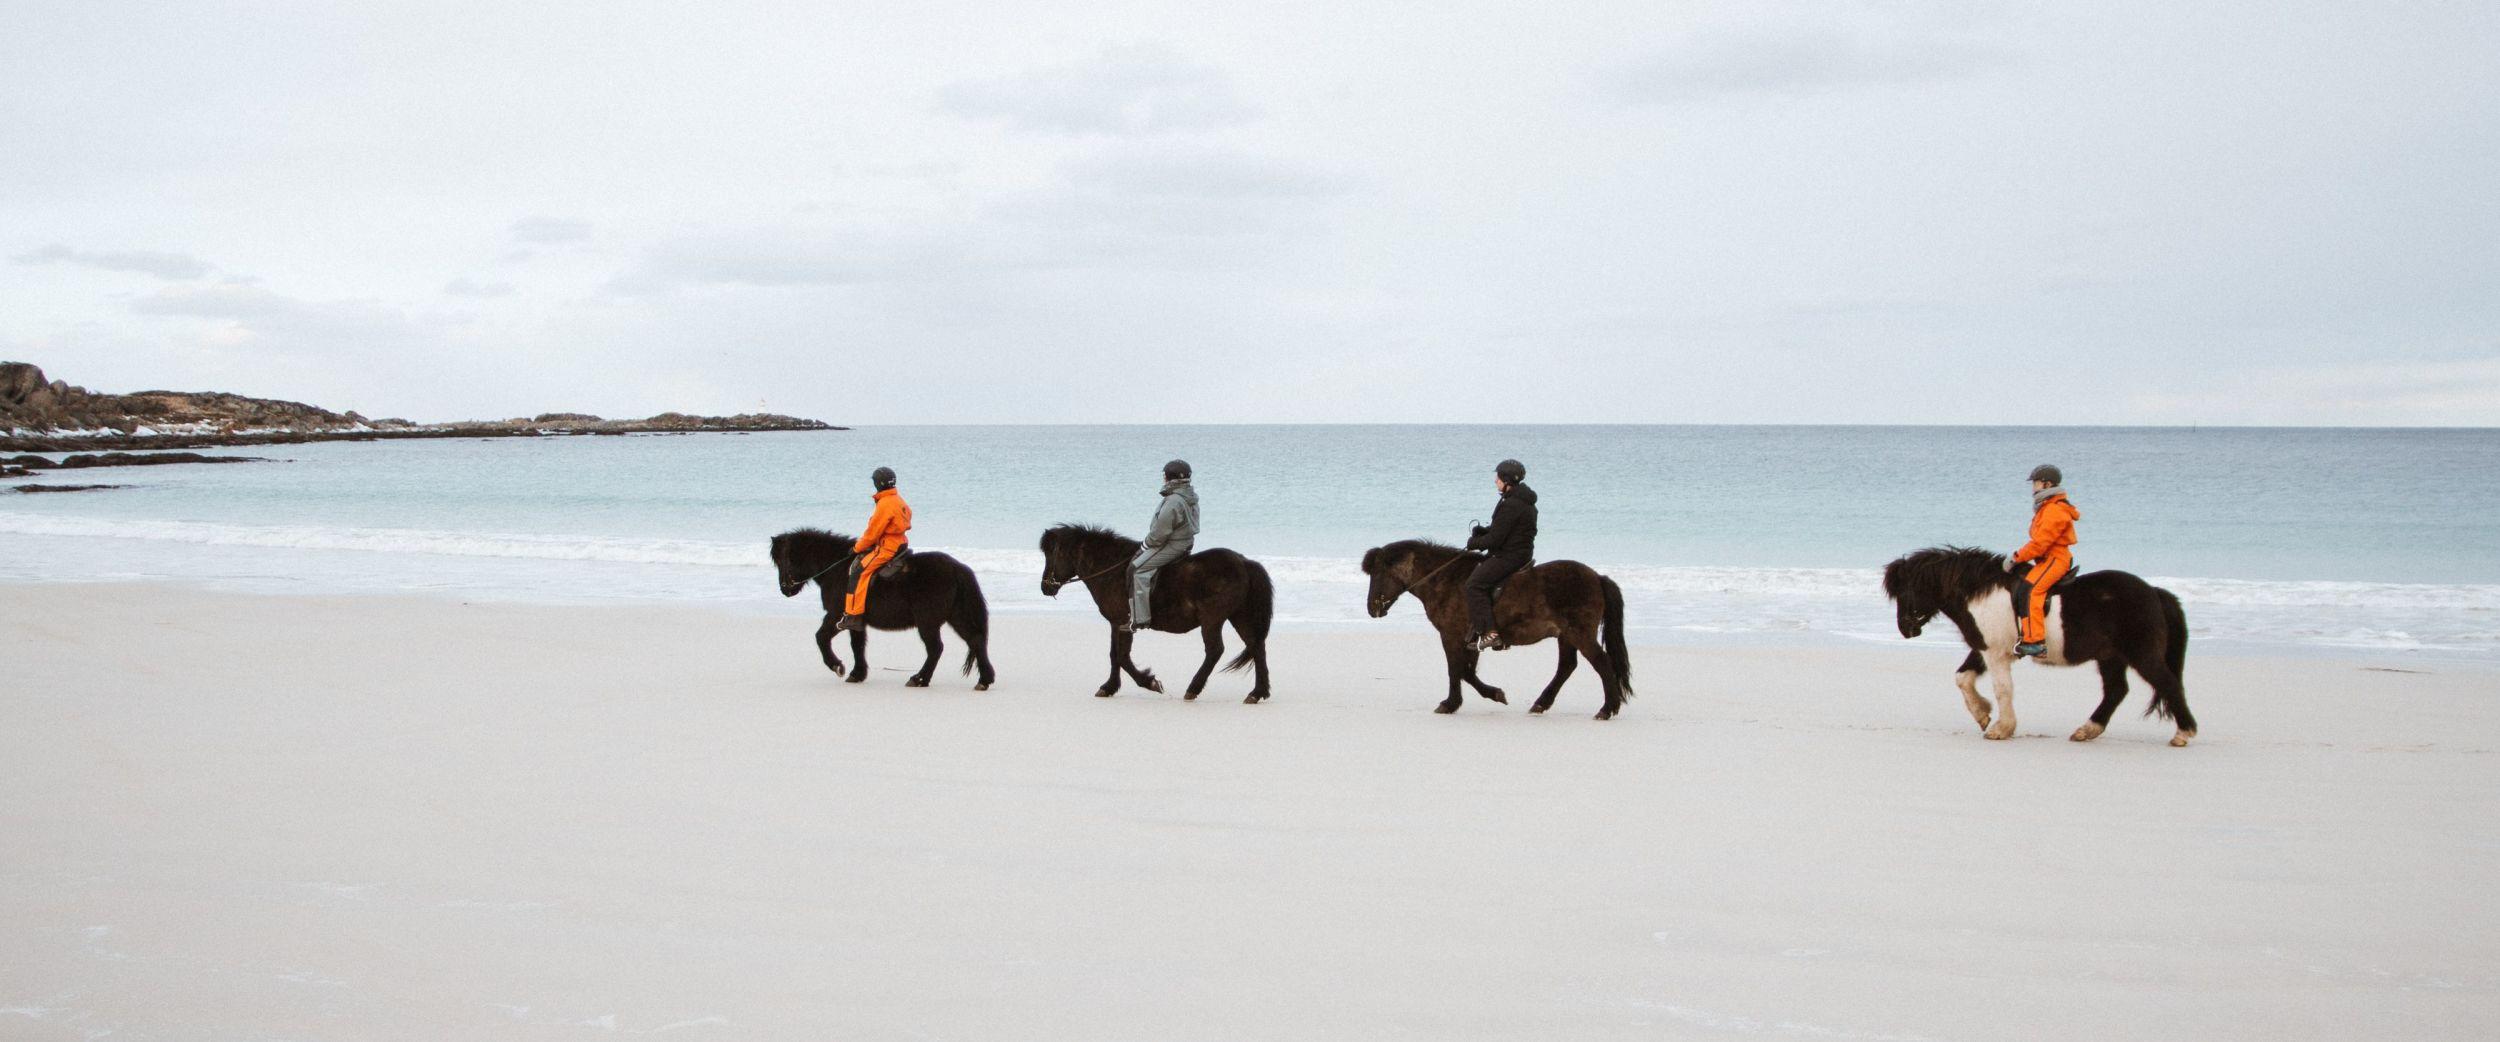 Folk som rir på kvit sandstrand i Lofoten om vinteren